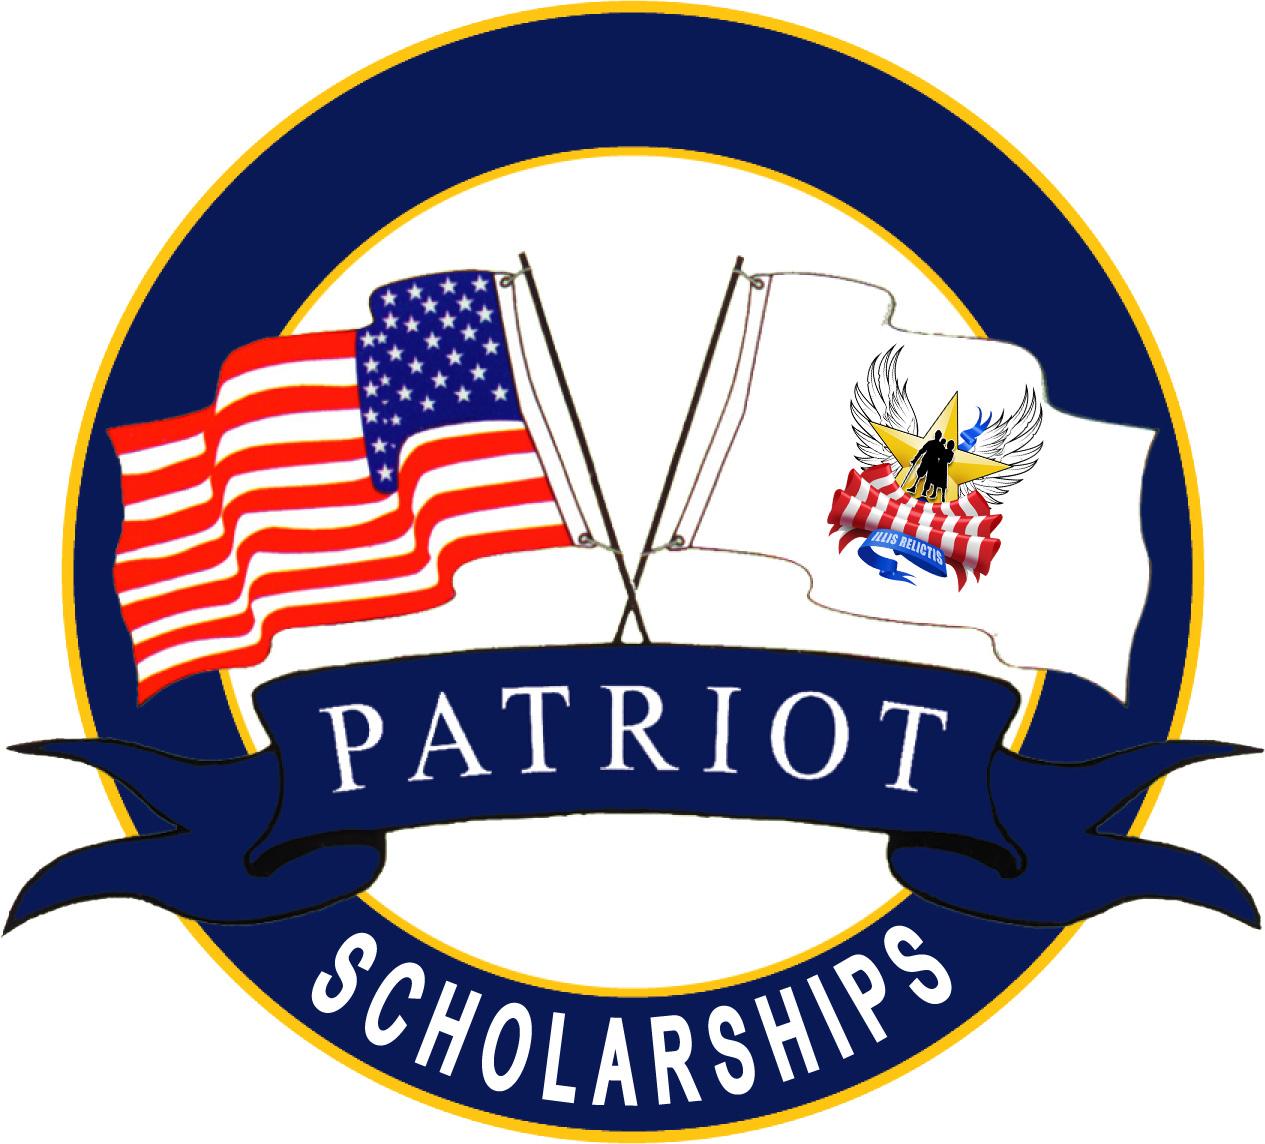 Patriot-Foundation-logo.jpg